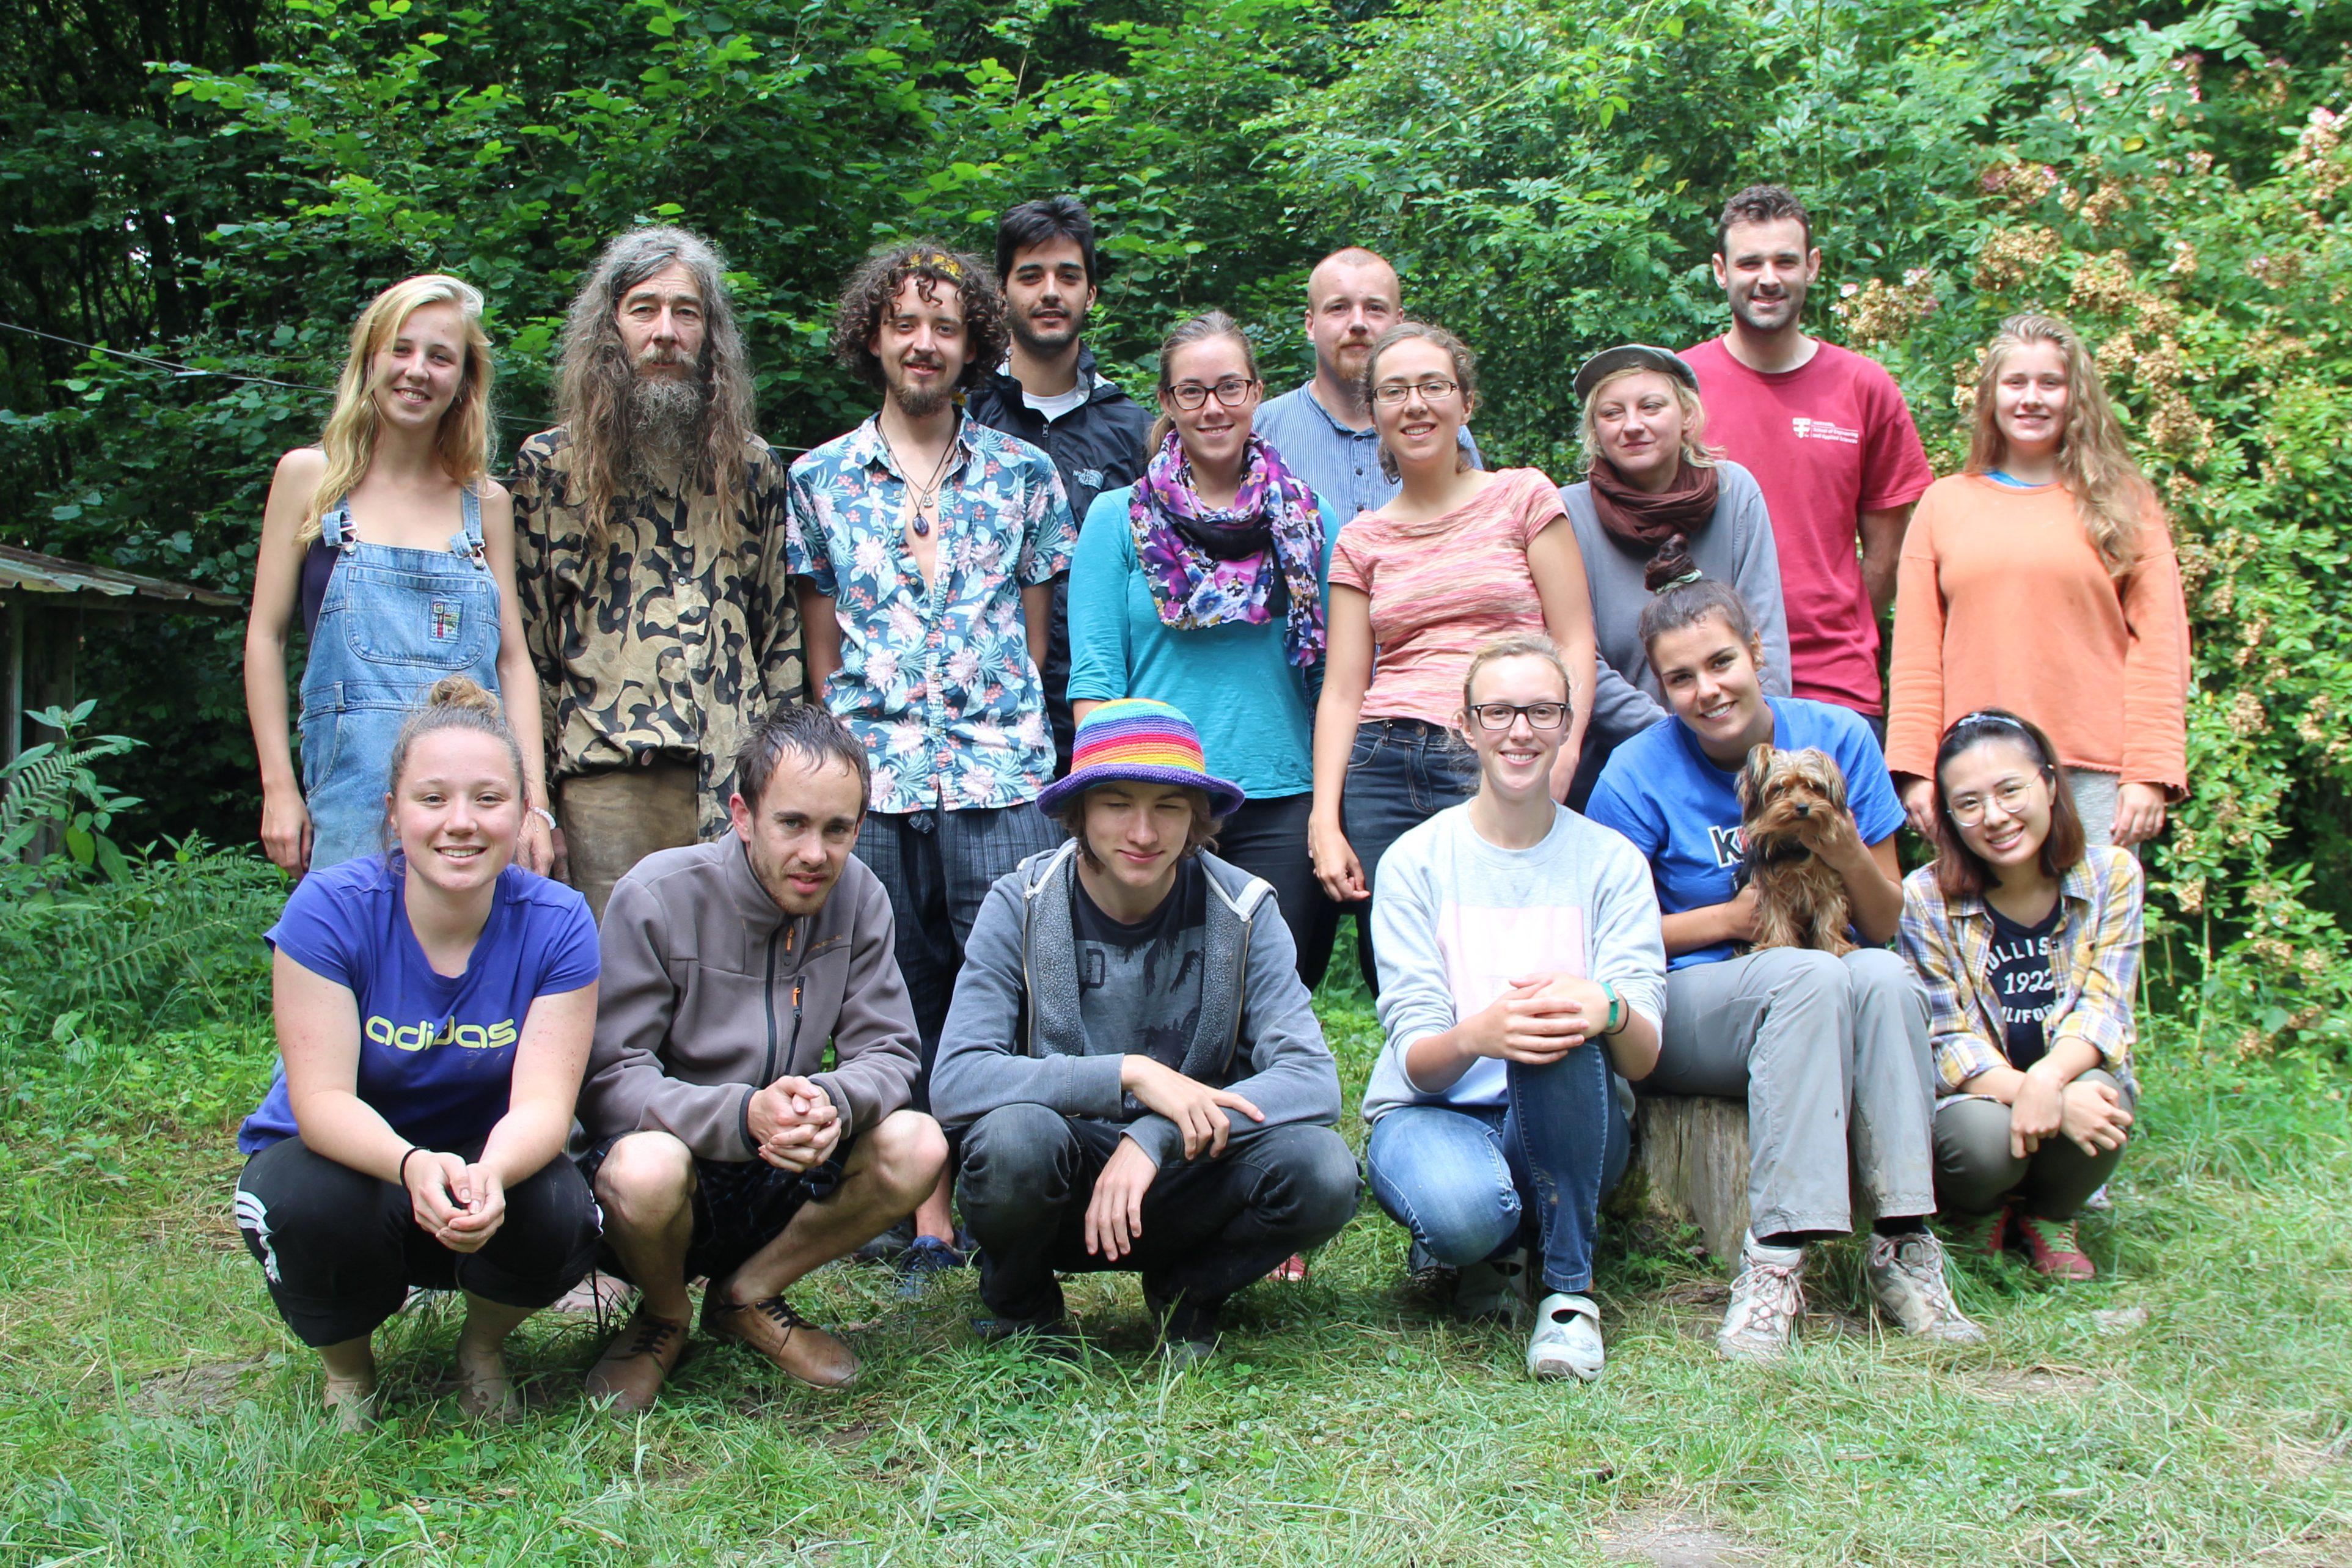 Mednarodni tabor na eko kmetiji v Nemčiji